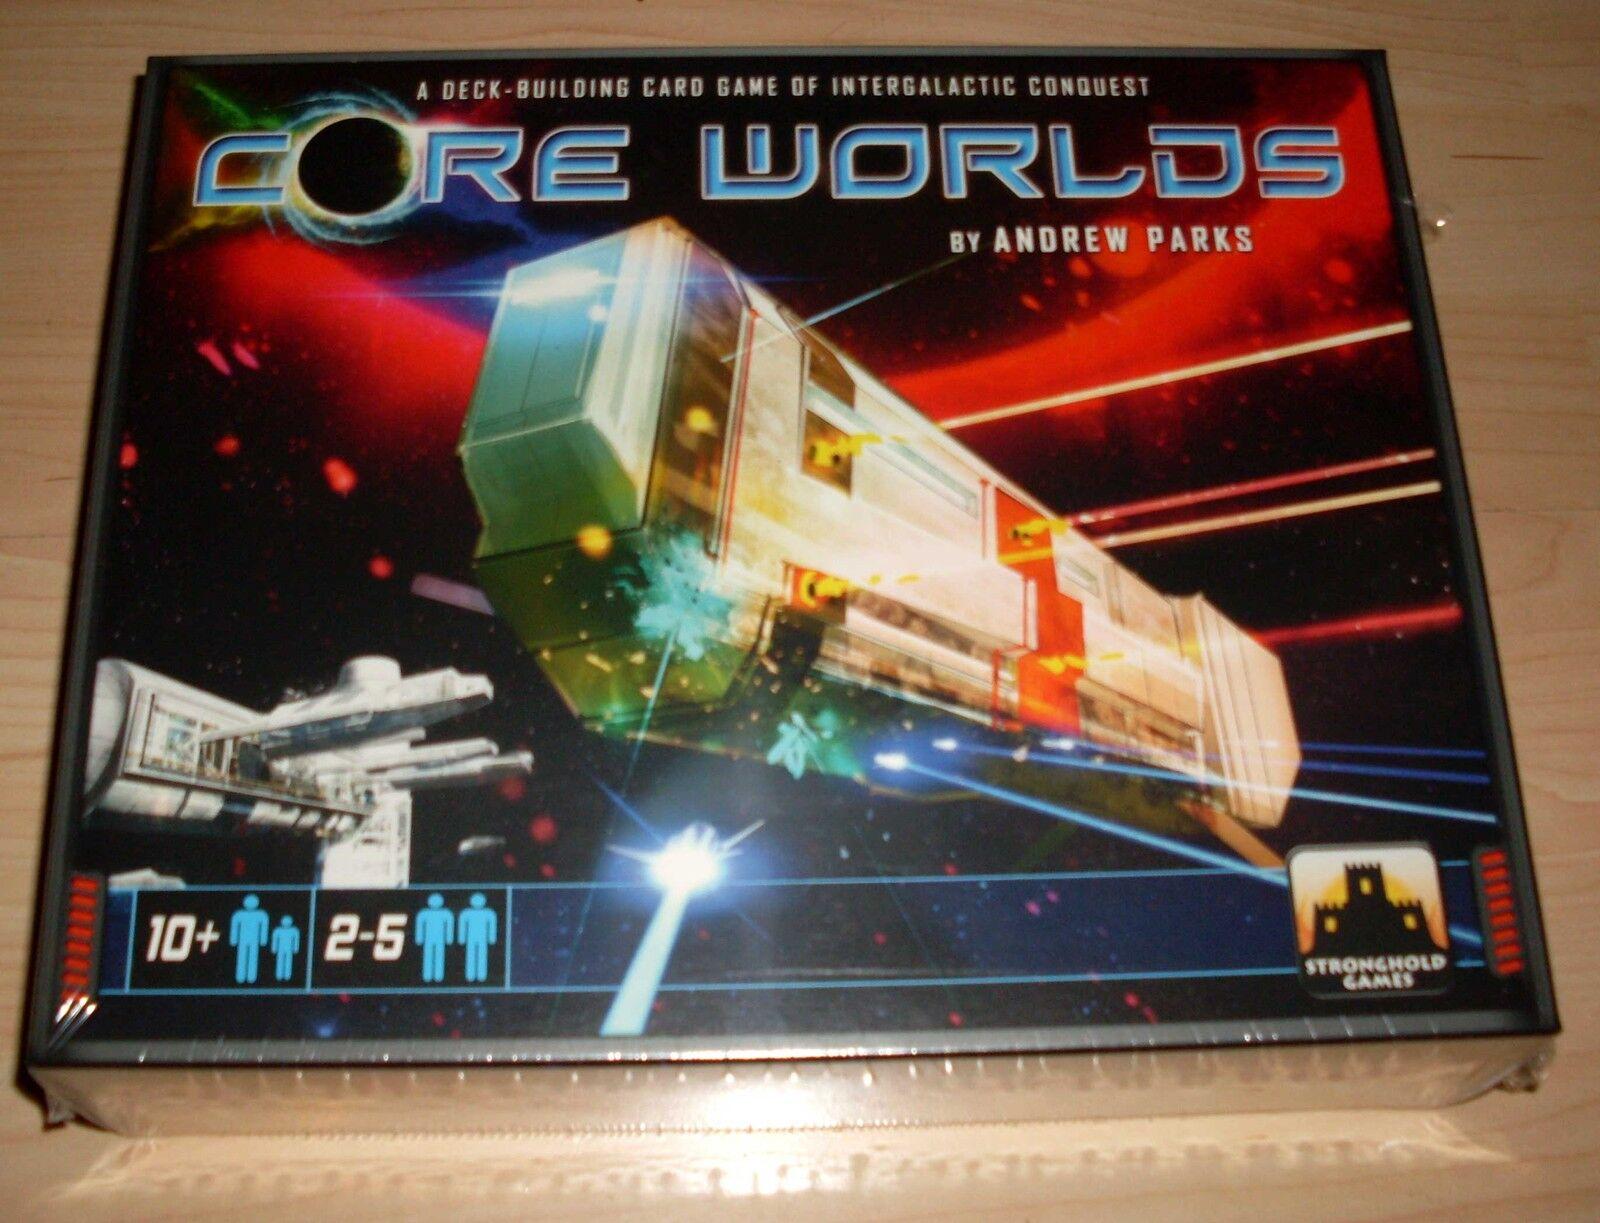 Core worlds-science-fiction jeu de voituretes par Andrew parcs-NEUF emballage d'origine   profiter de vos achats